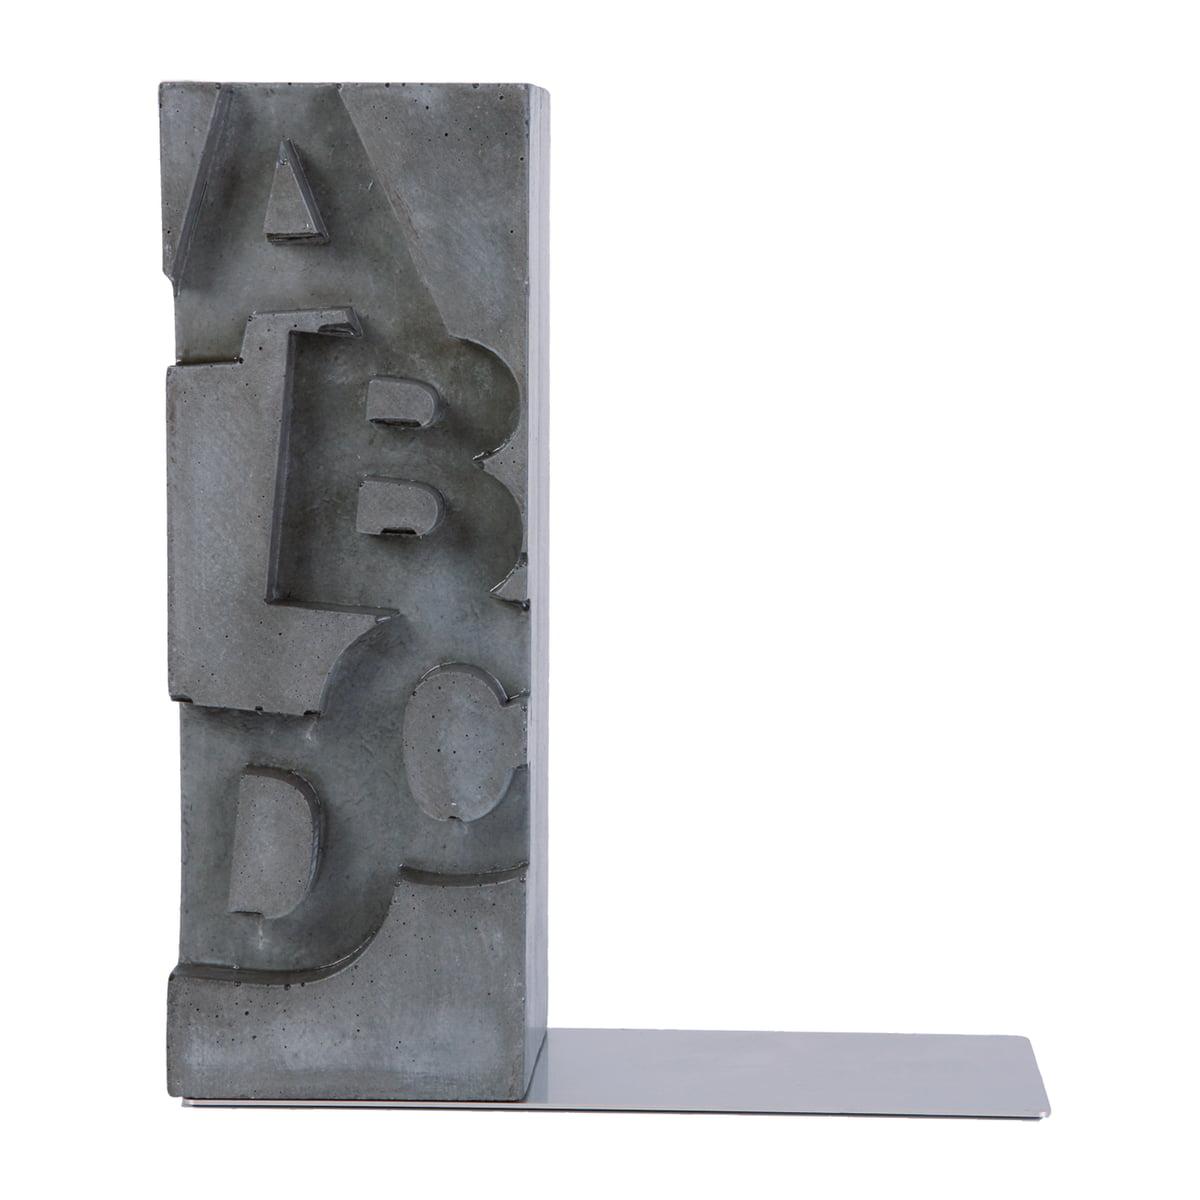 Korn Produkte - ABCD Buchstütze | Wohnzimmer > Regale > Hängeregale | Korn Produkte